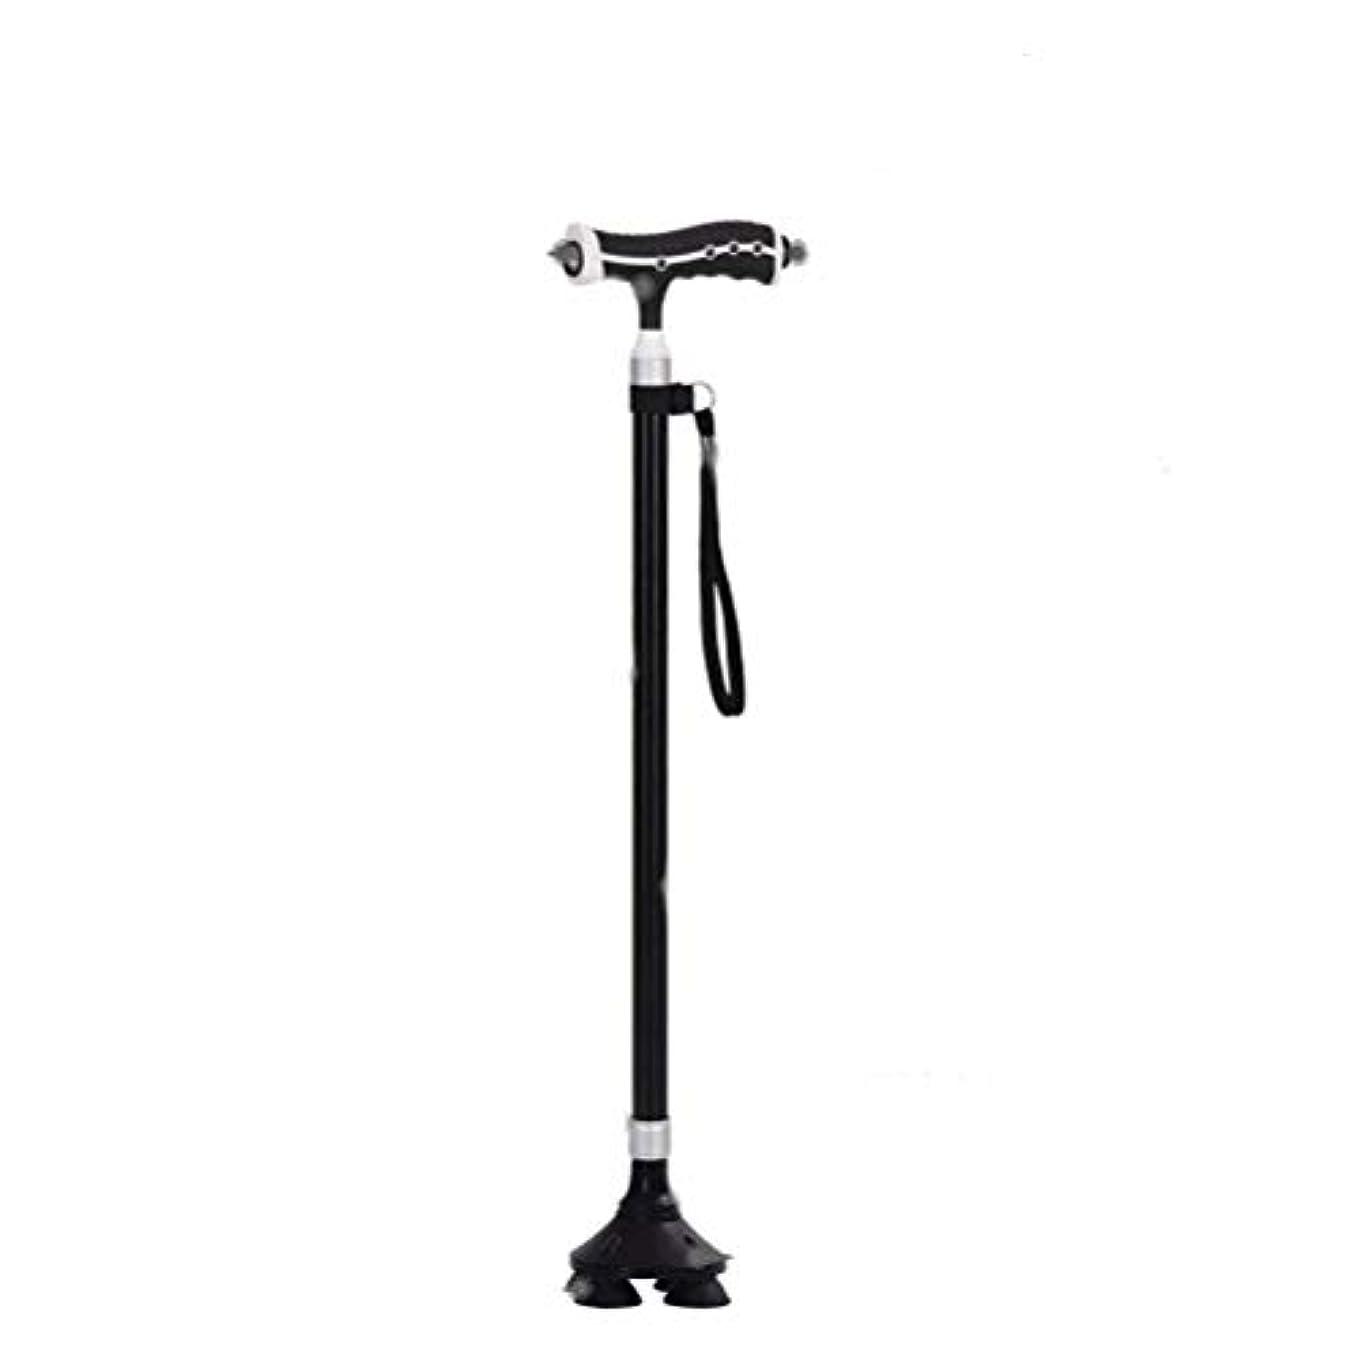 気候分数優雅高齢者 夜間散歩 歩行支援 ステッキLED ライト搭載 多機能 老人用品 四足の杖 長さ調整可能 自立杖 散歩